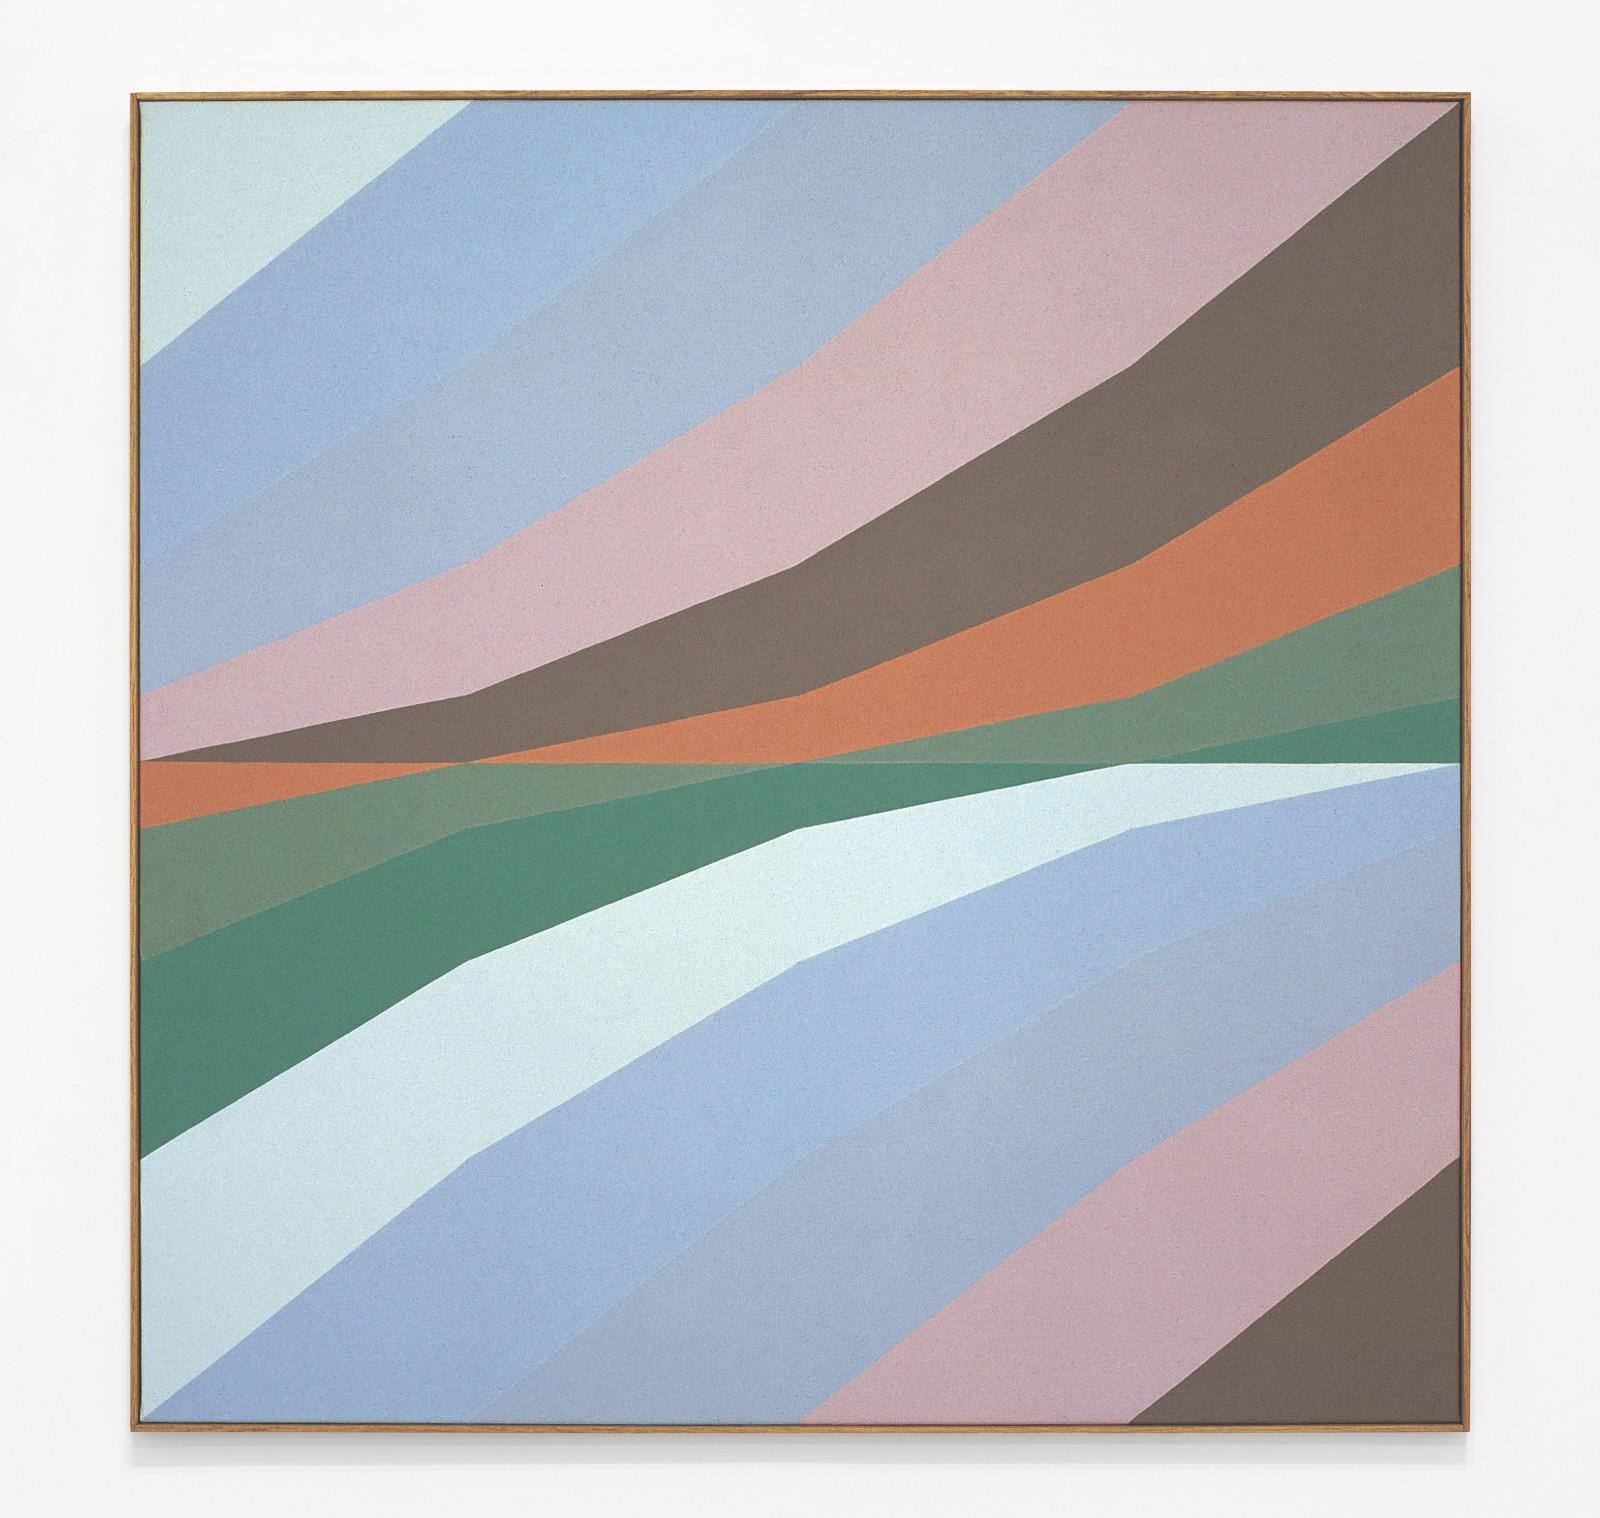 VERENA LOEWENSBERG, Untitled, 1975